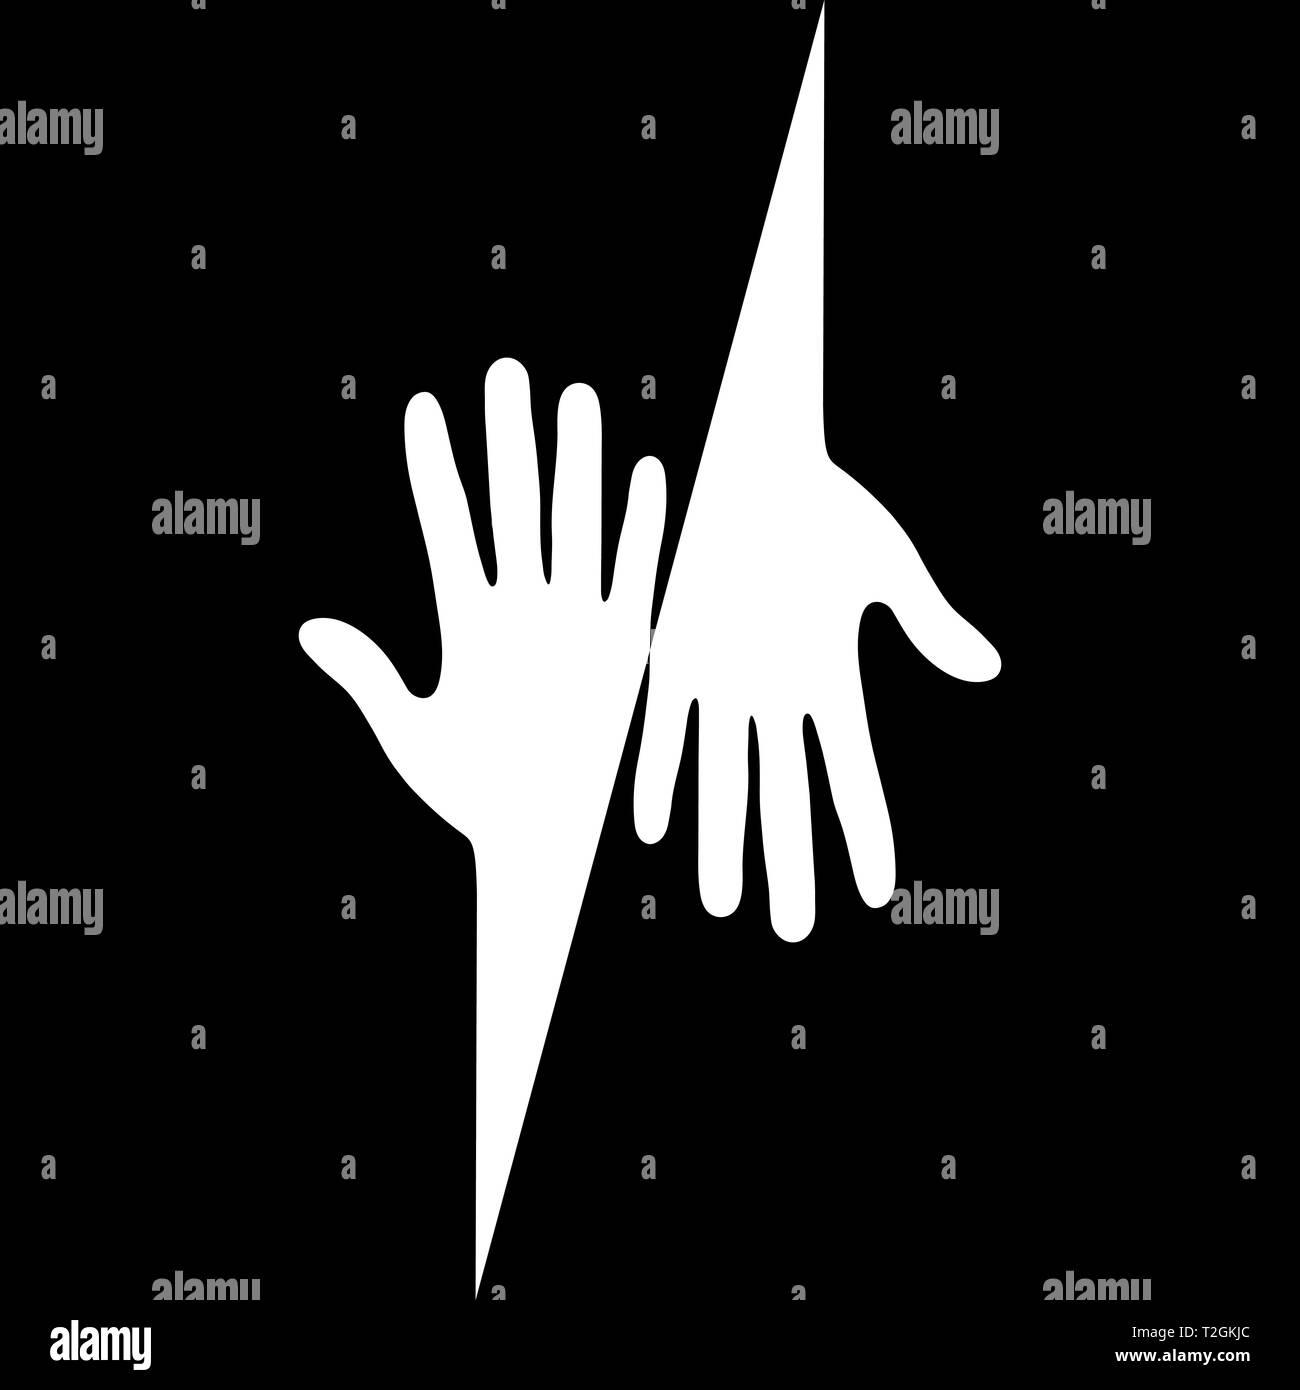 Silhouette blanche de deux mains avec doigts sur fond noir, conception simple Illustration de Vecteur